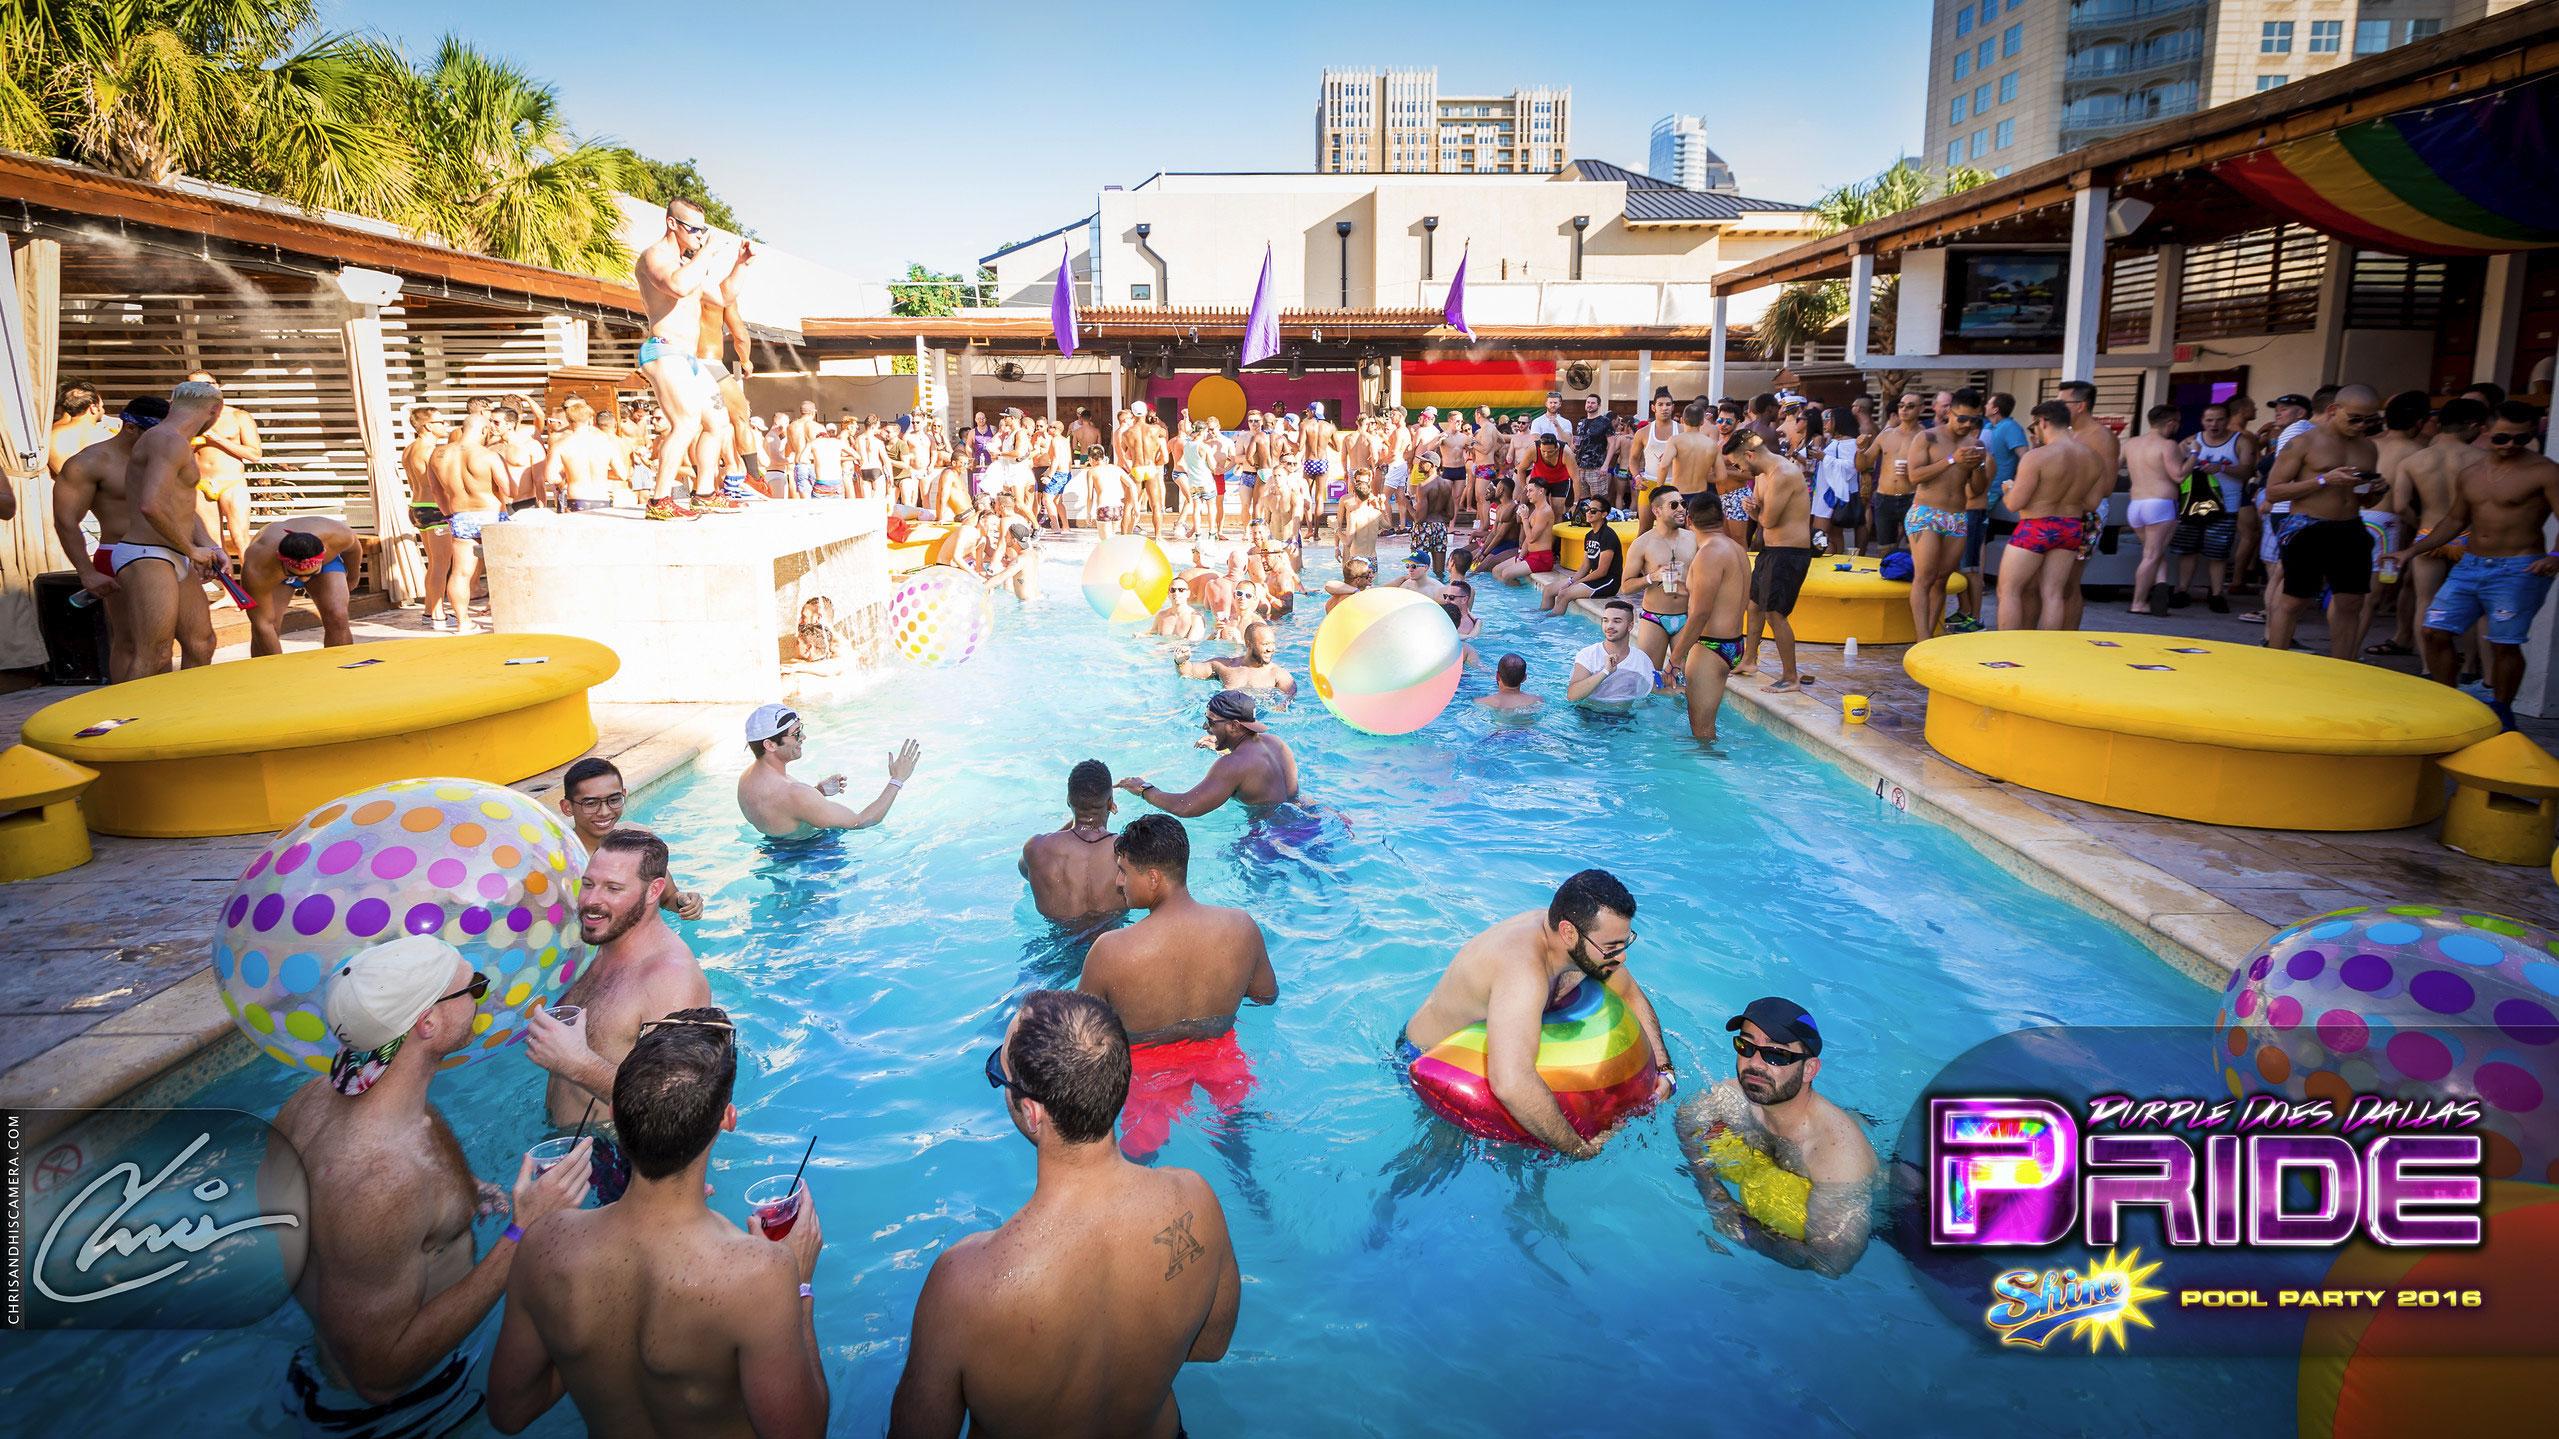 SHINE | The Dallas Pride Pool Party - Purple Foundation, Inc.